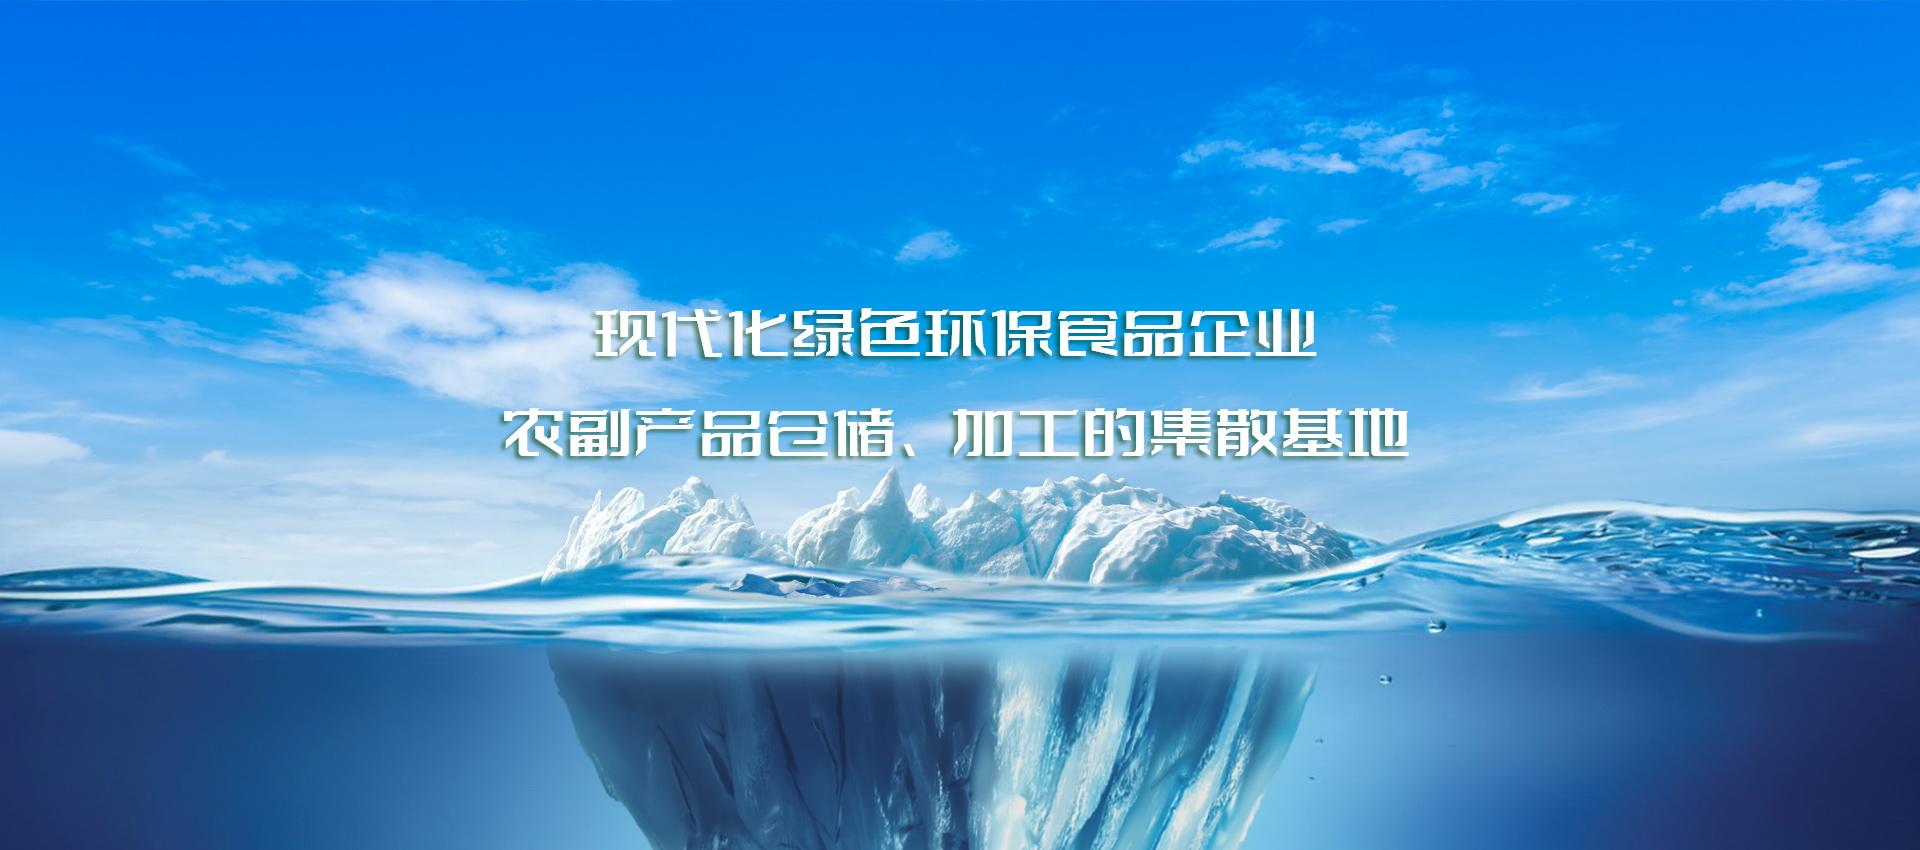 南通昌潤食品有限公司